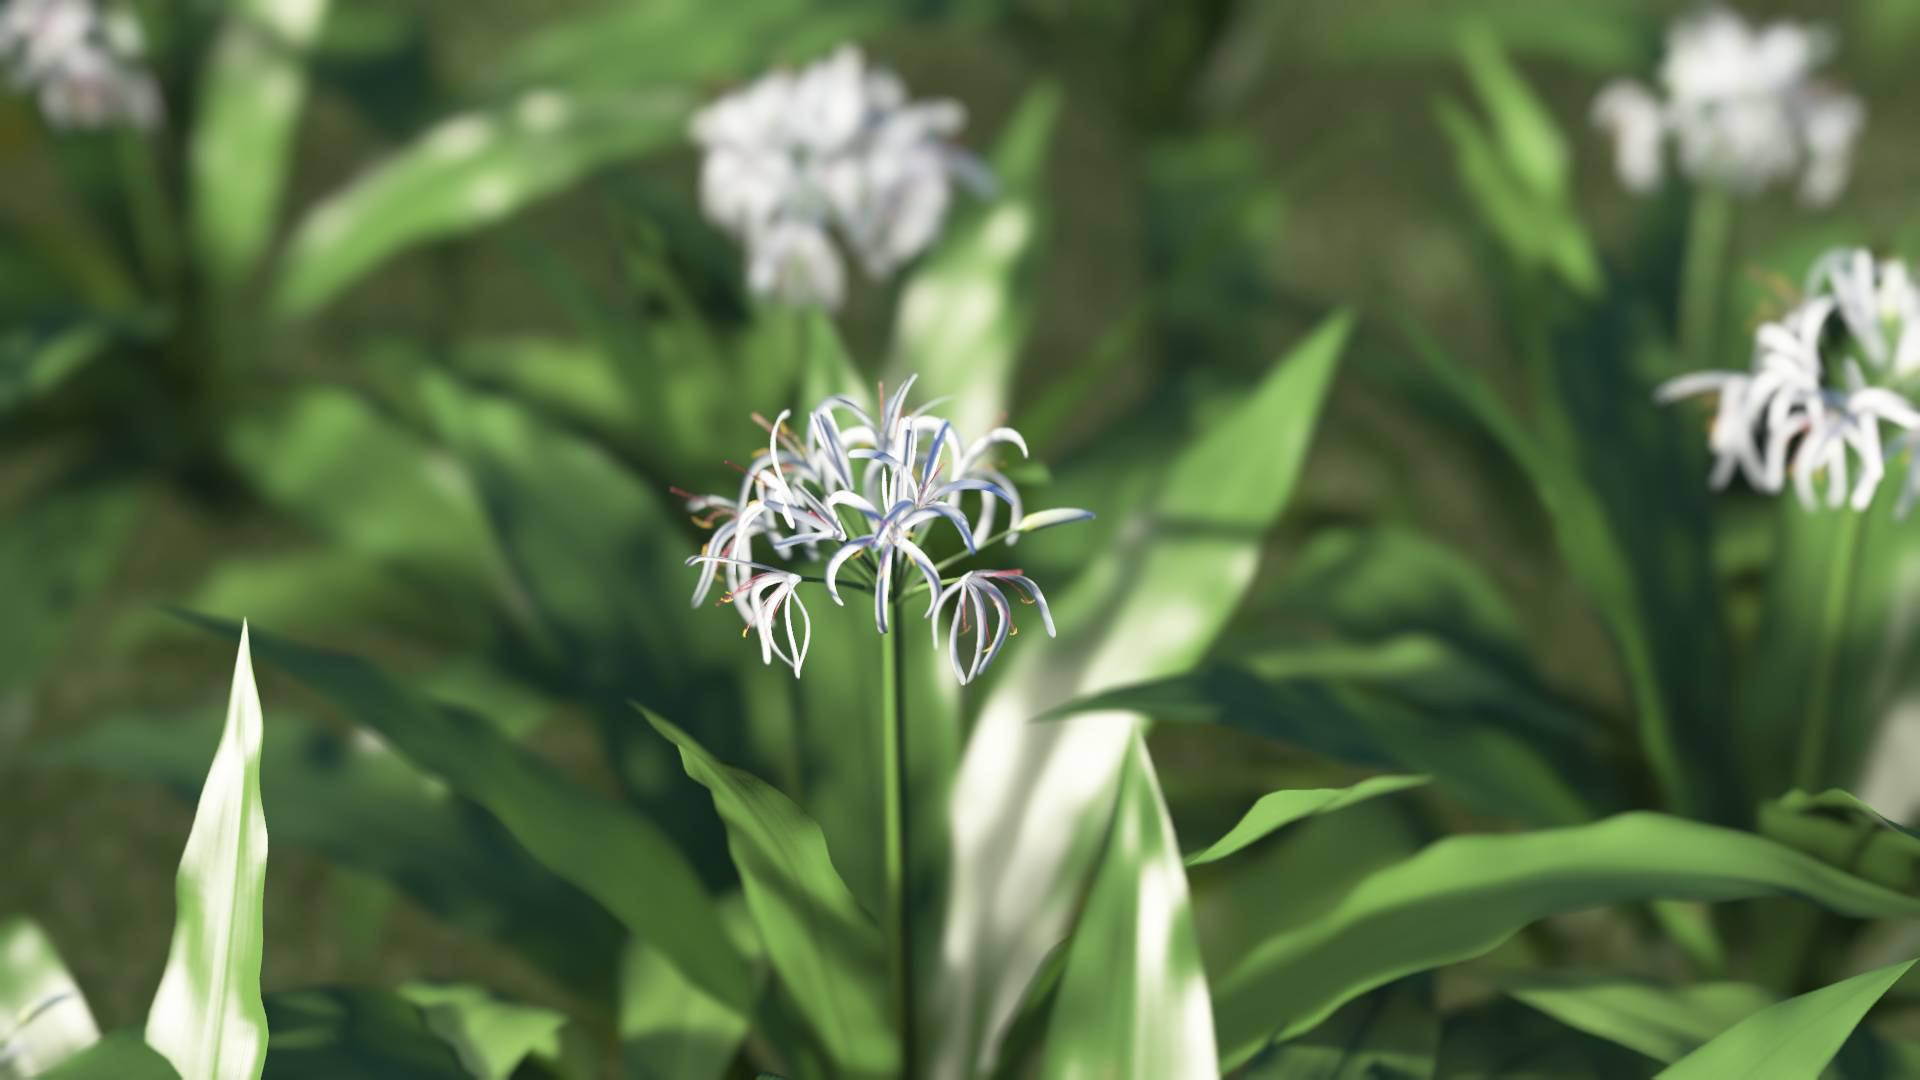 3D model of the Spider lily Crinum asiaticum close-up